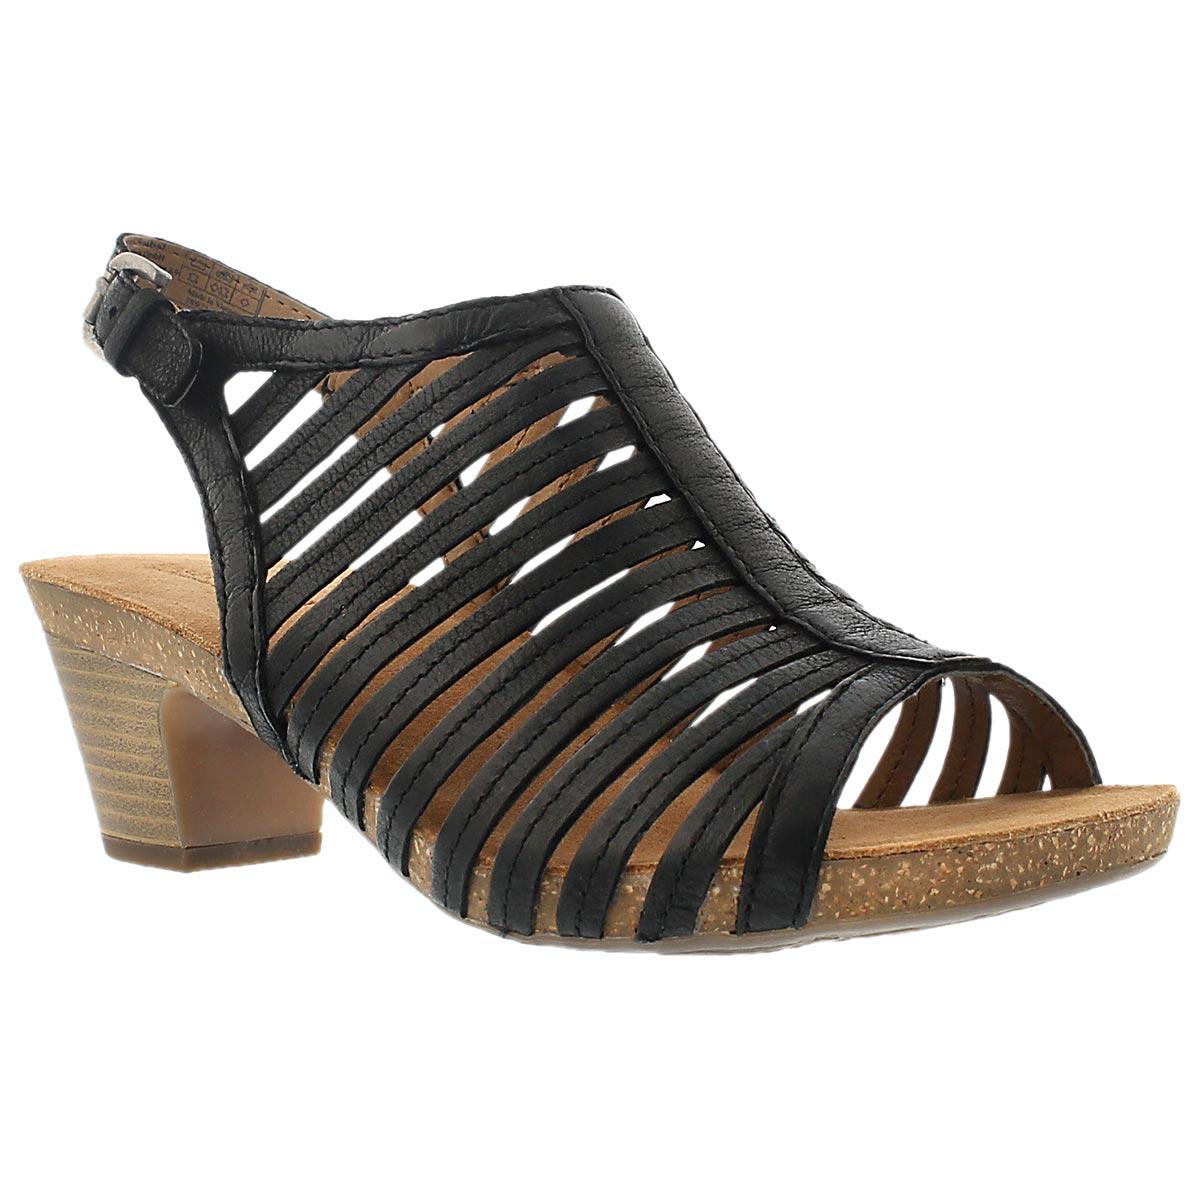 Sandale habillée Ruth 21, noir, femme